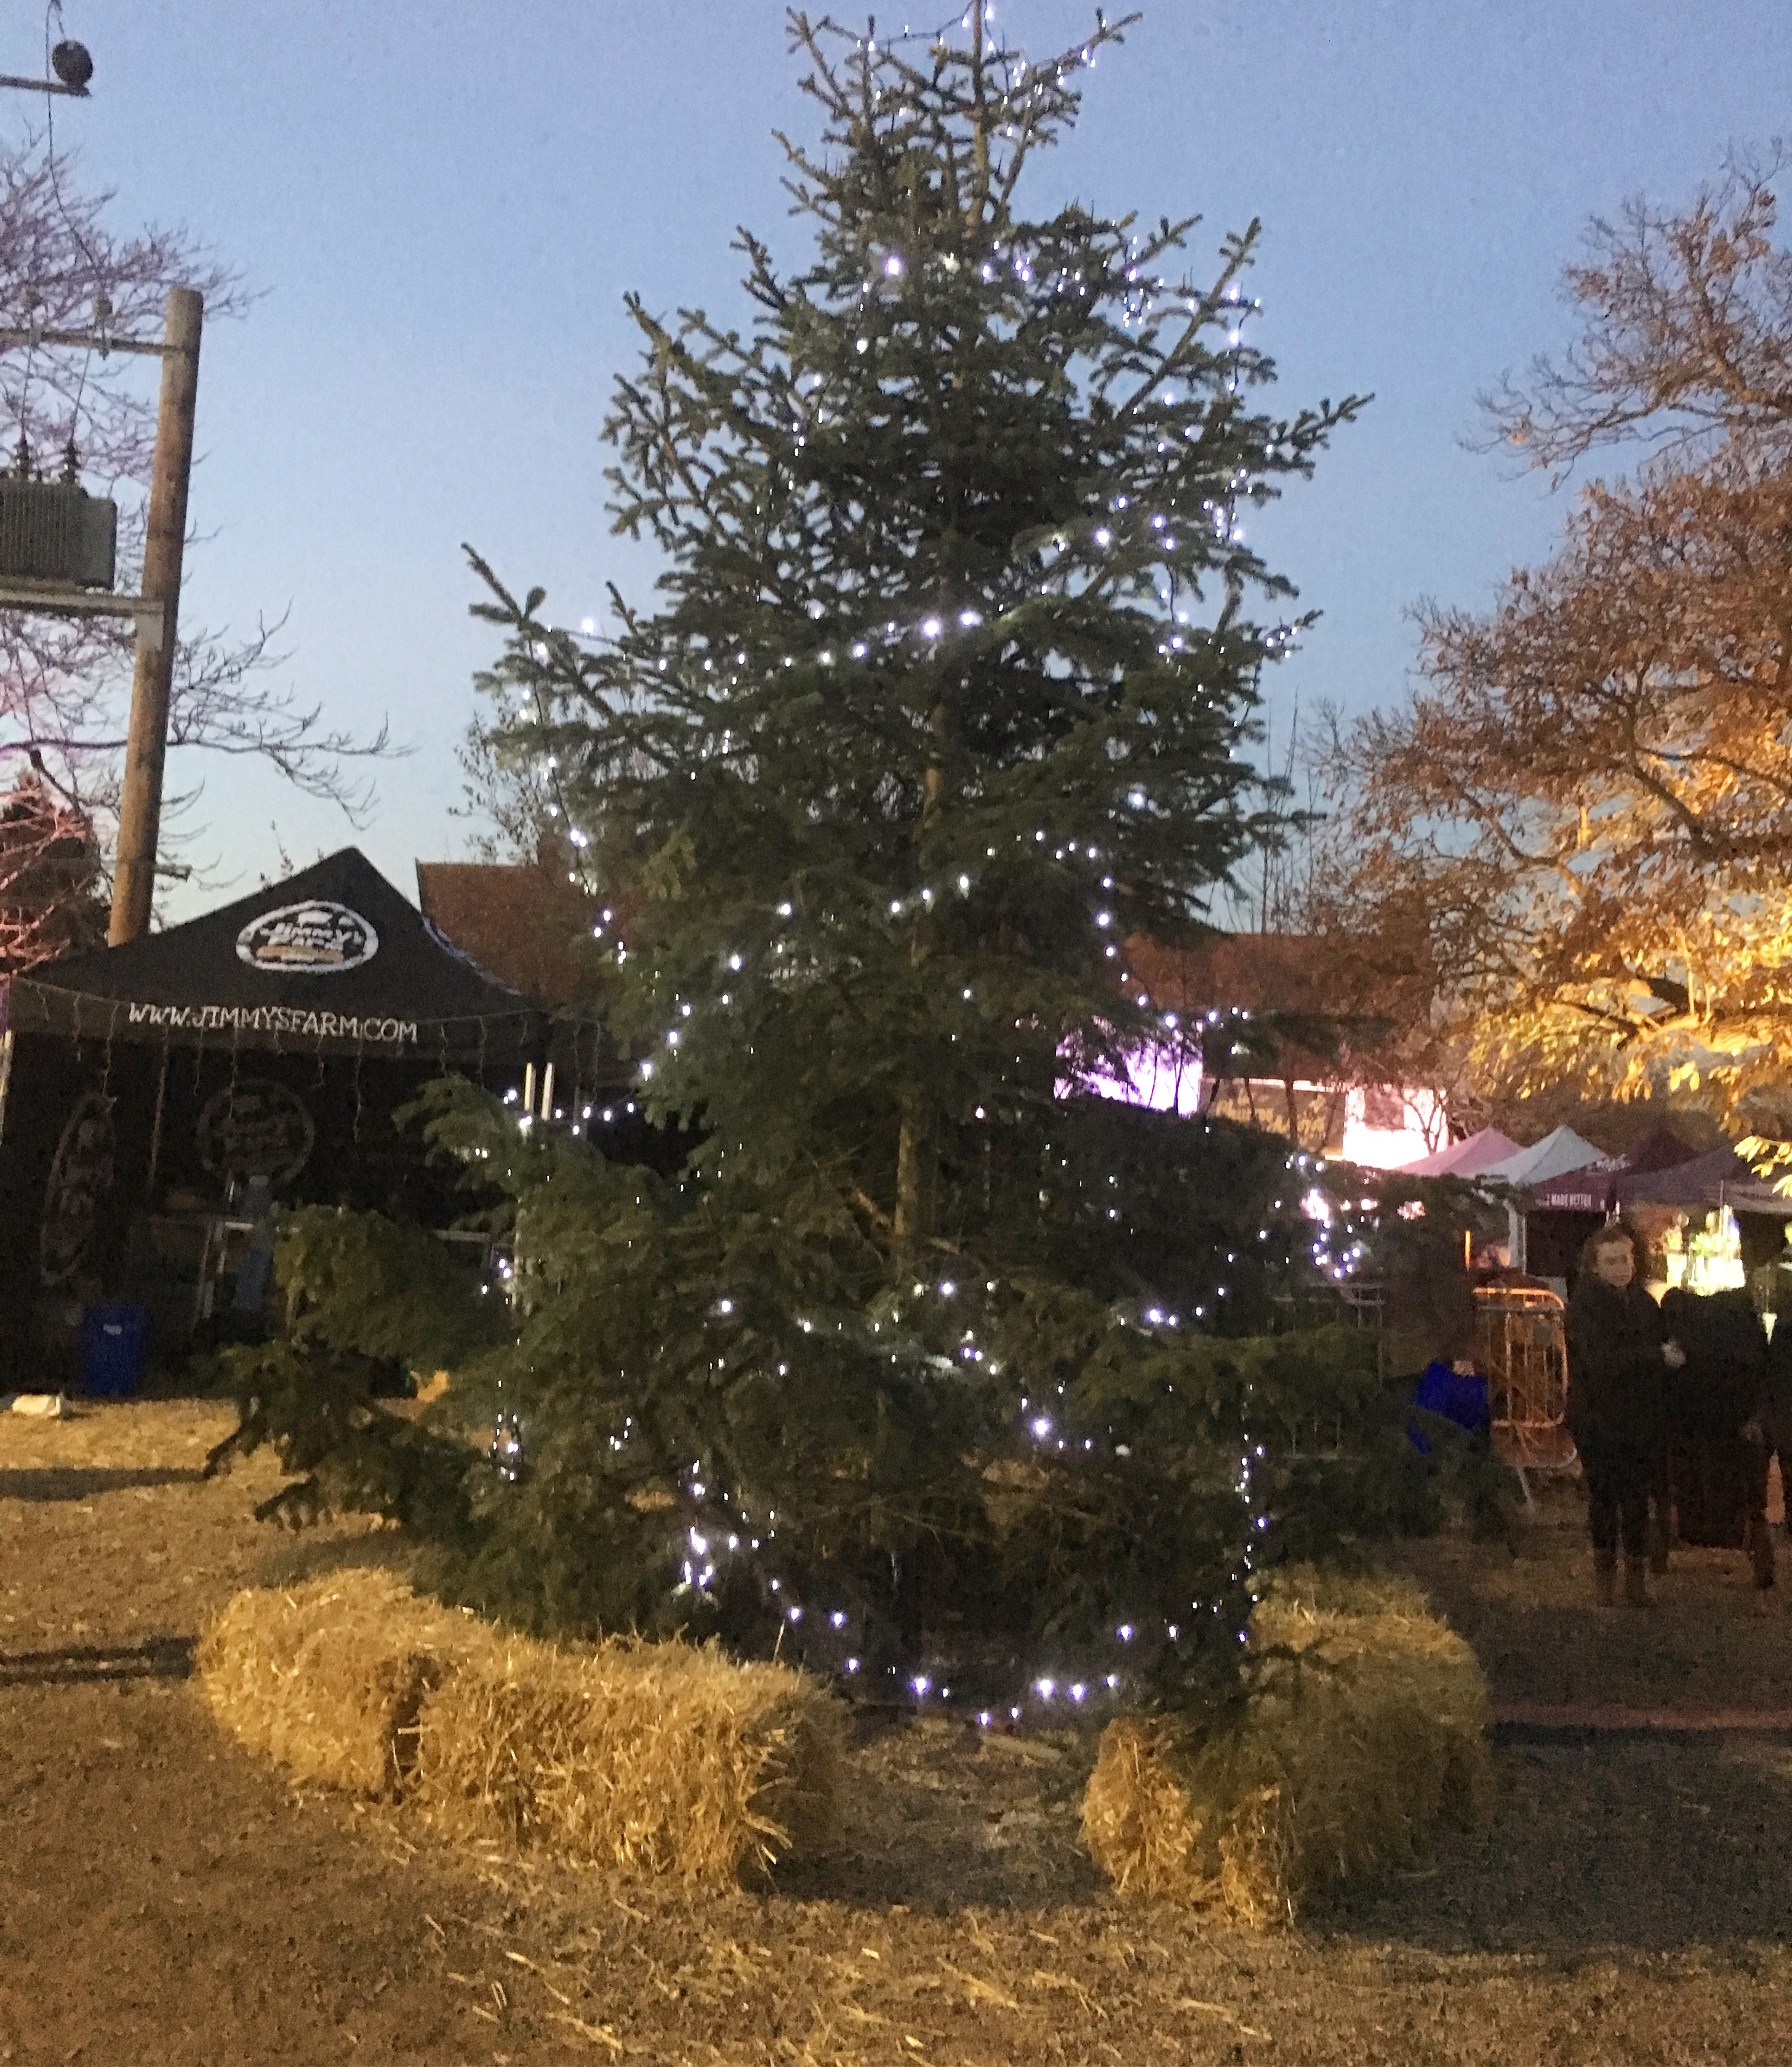 Jimmy's Farm Christmas Fayre